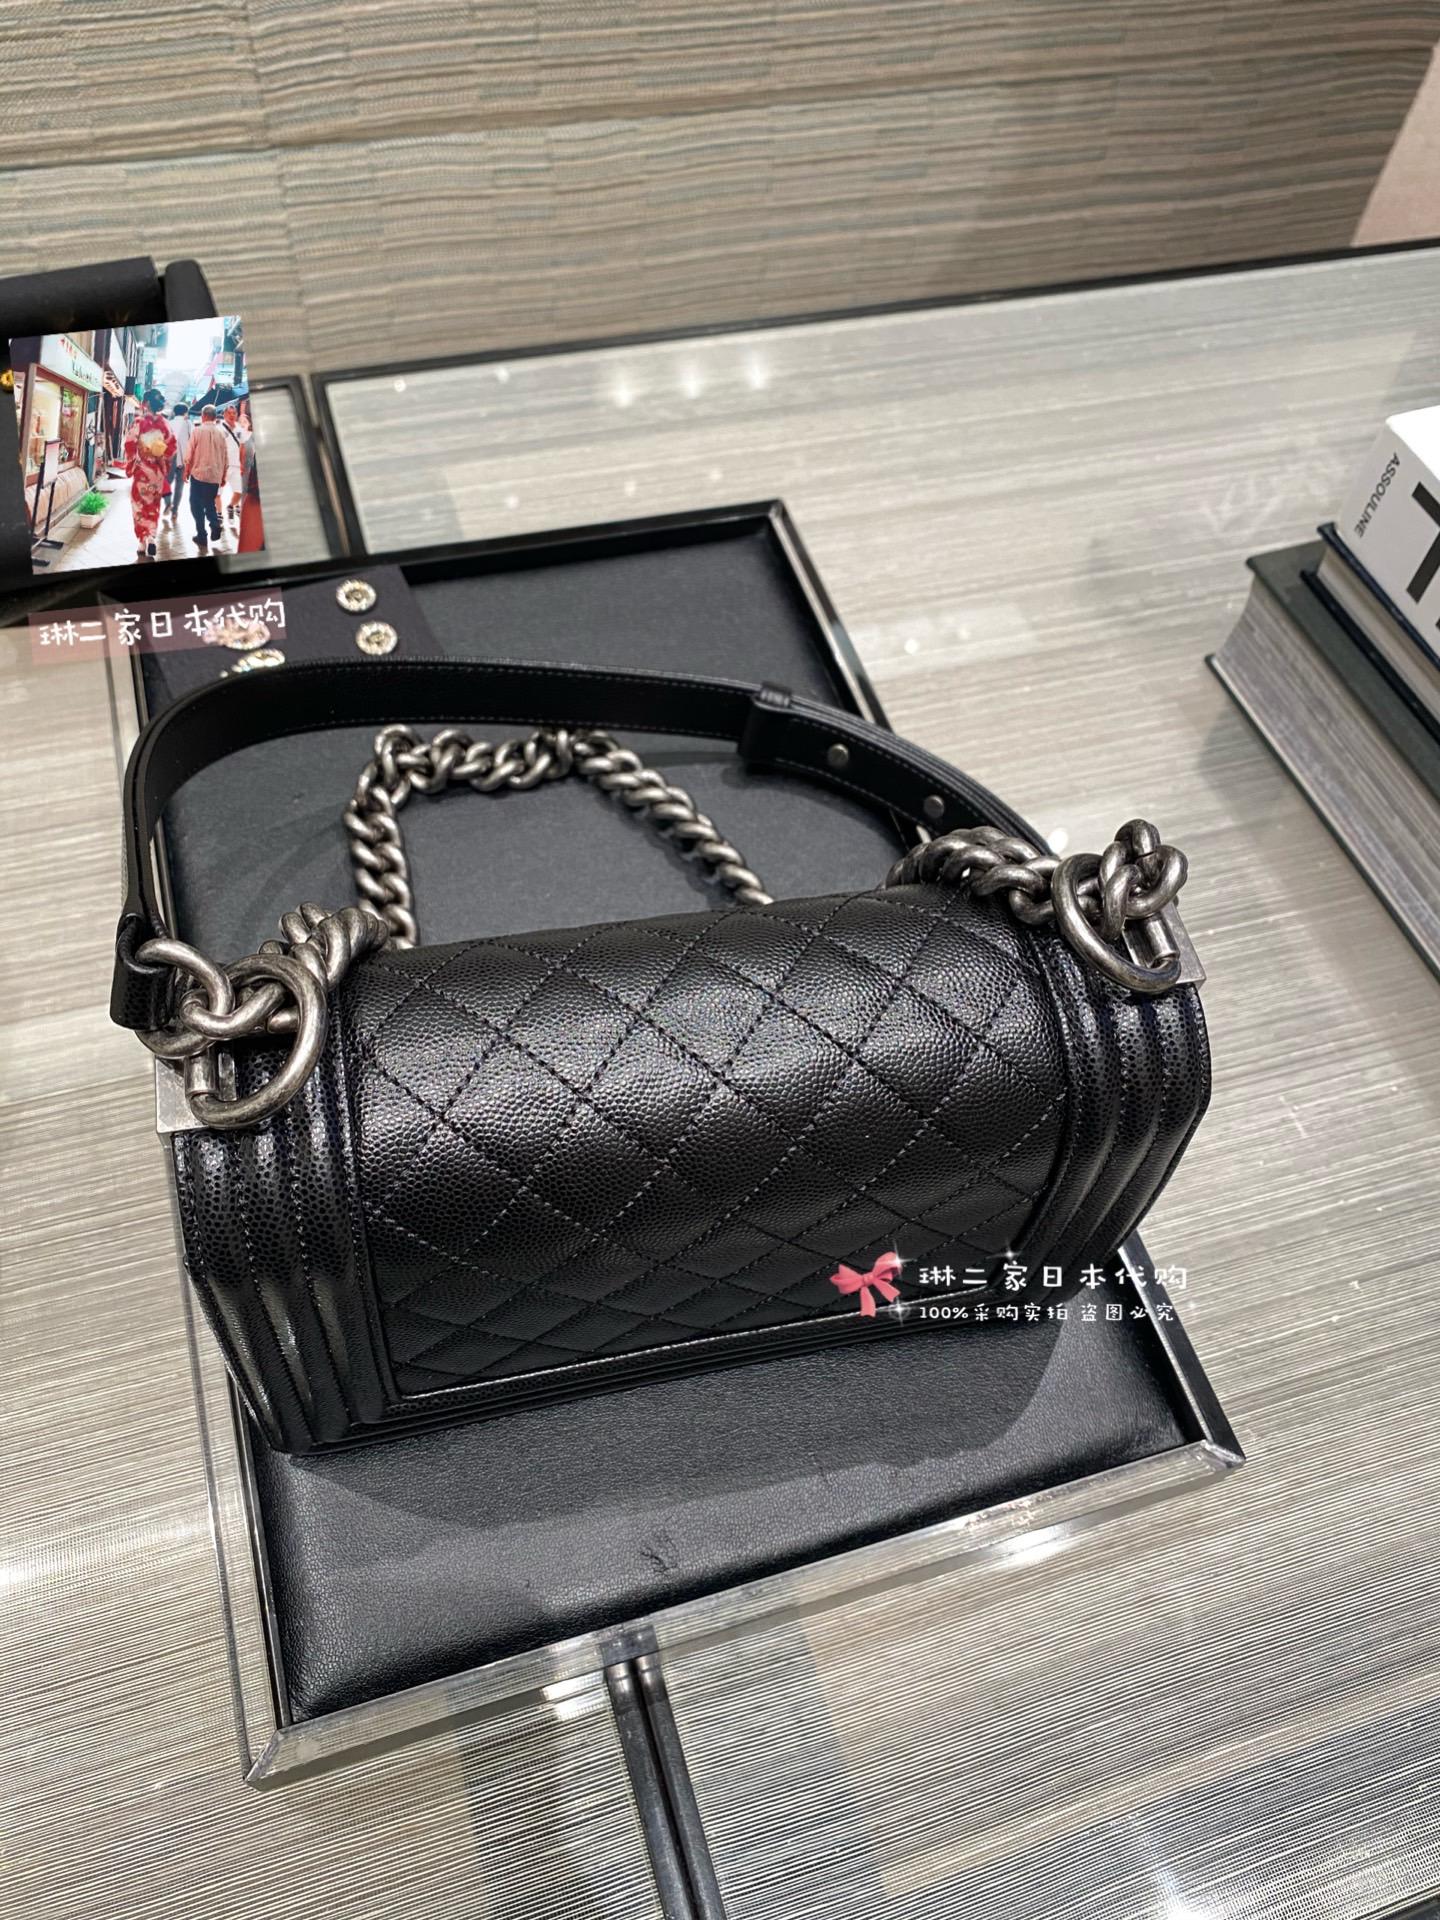 สไตล์ญี่ปุ่นซื้อจดหมายโดยตรงchanel ชาแนลboy ขนาดเล็ก สีดำและสีเงินlogo ห่วงโซ่กระเป๋าสะพายกระเป๋า Messenger